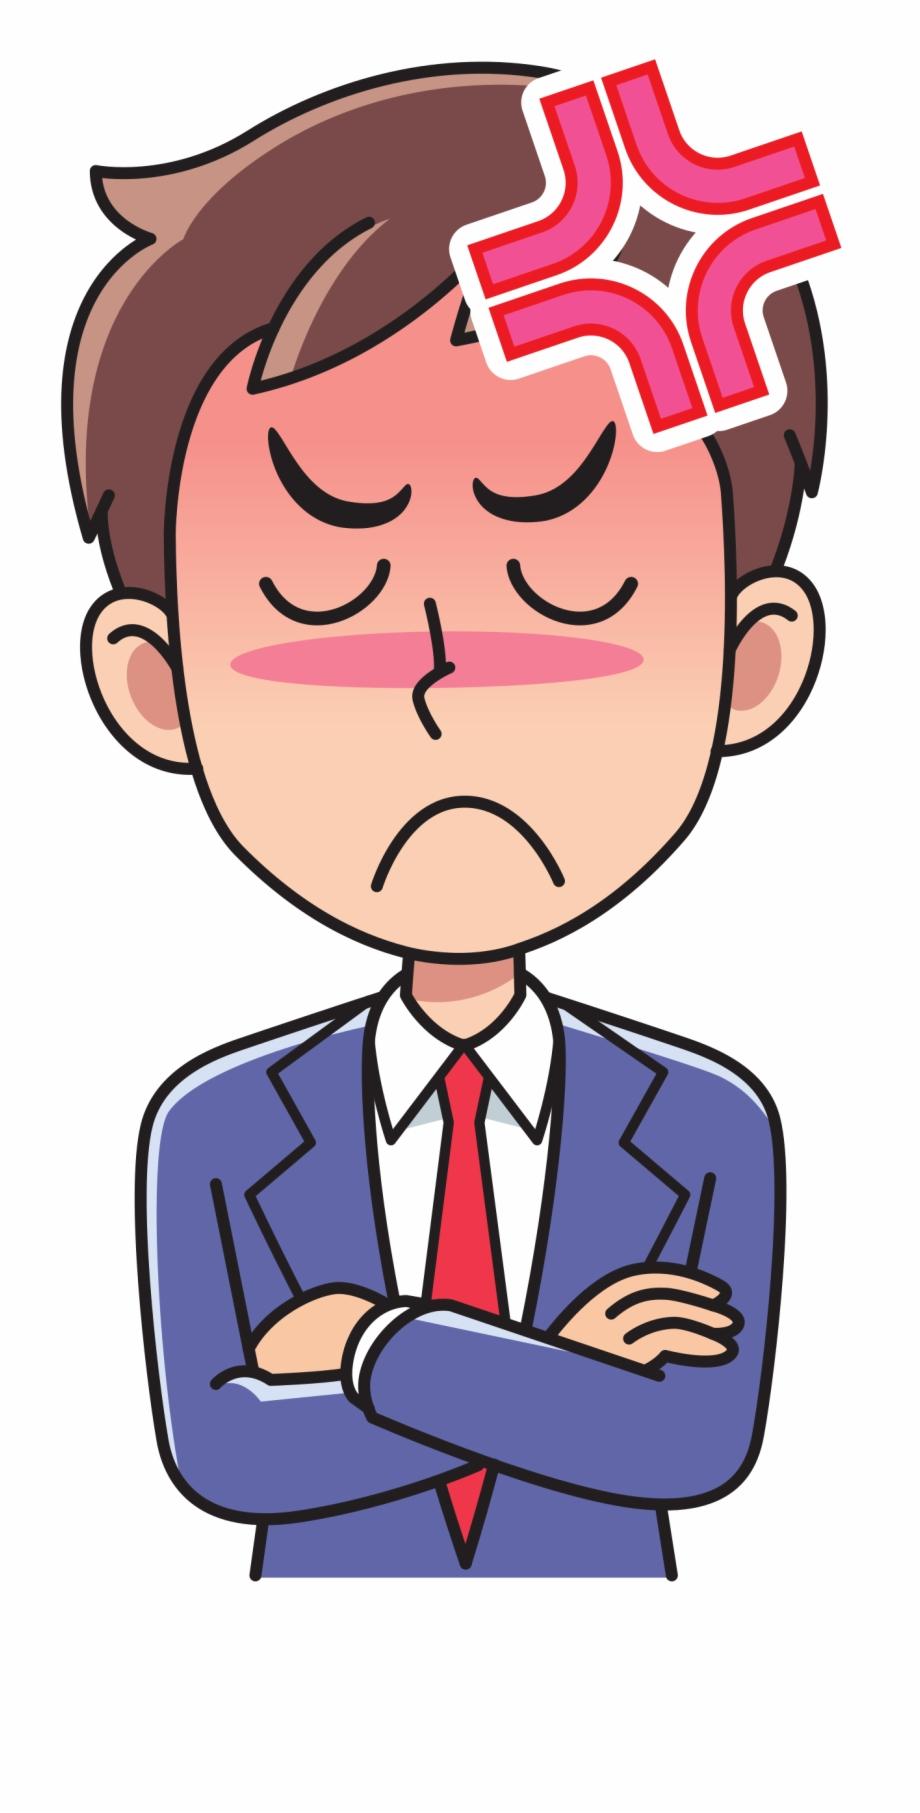 Business Man Angry Big Image Png.